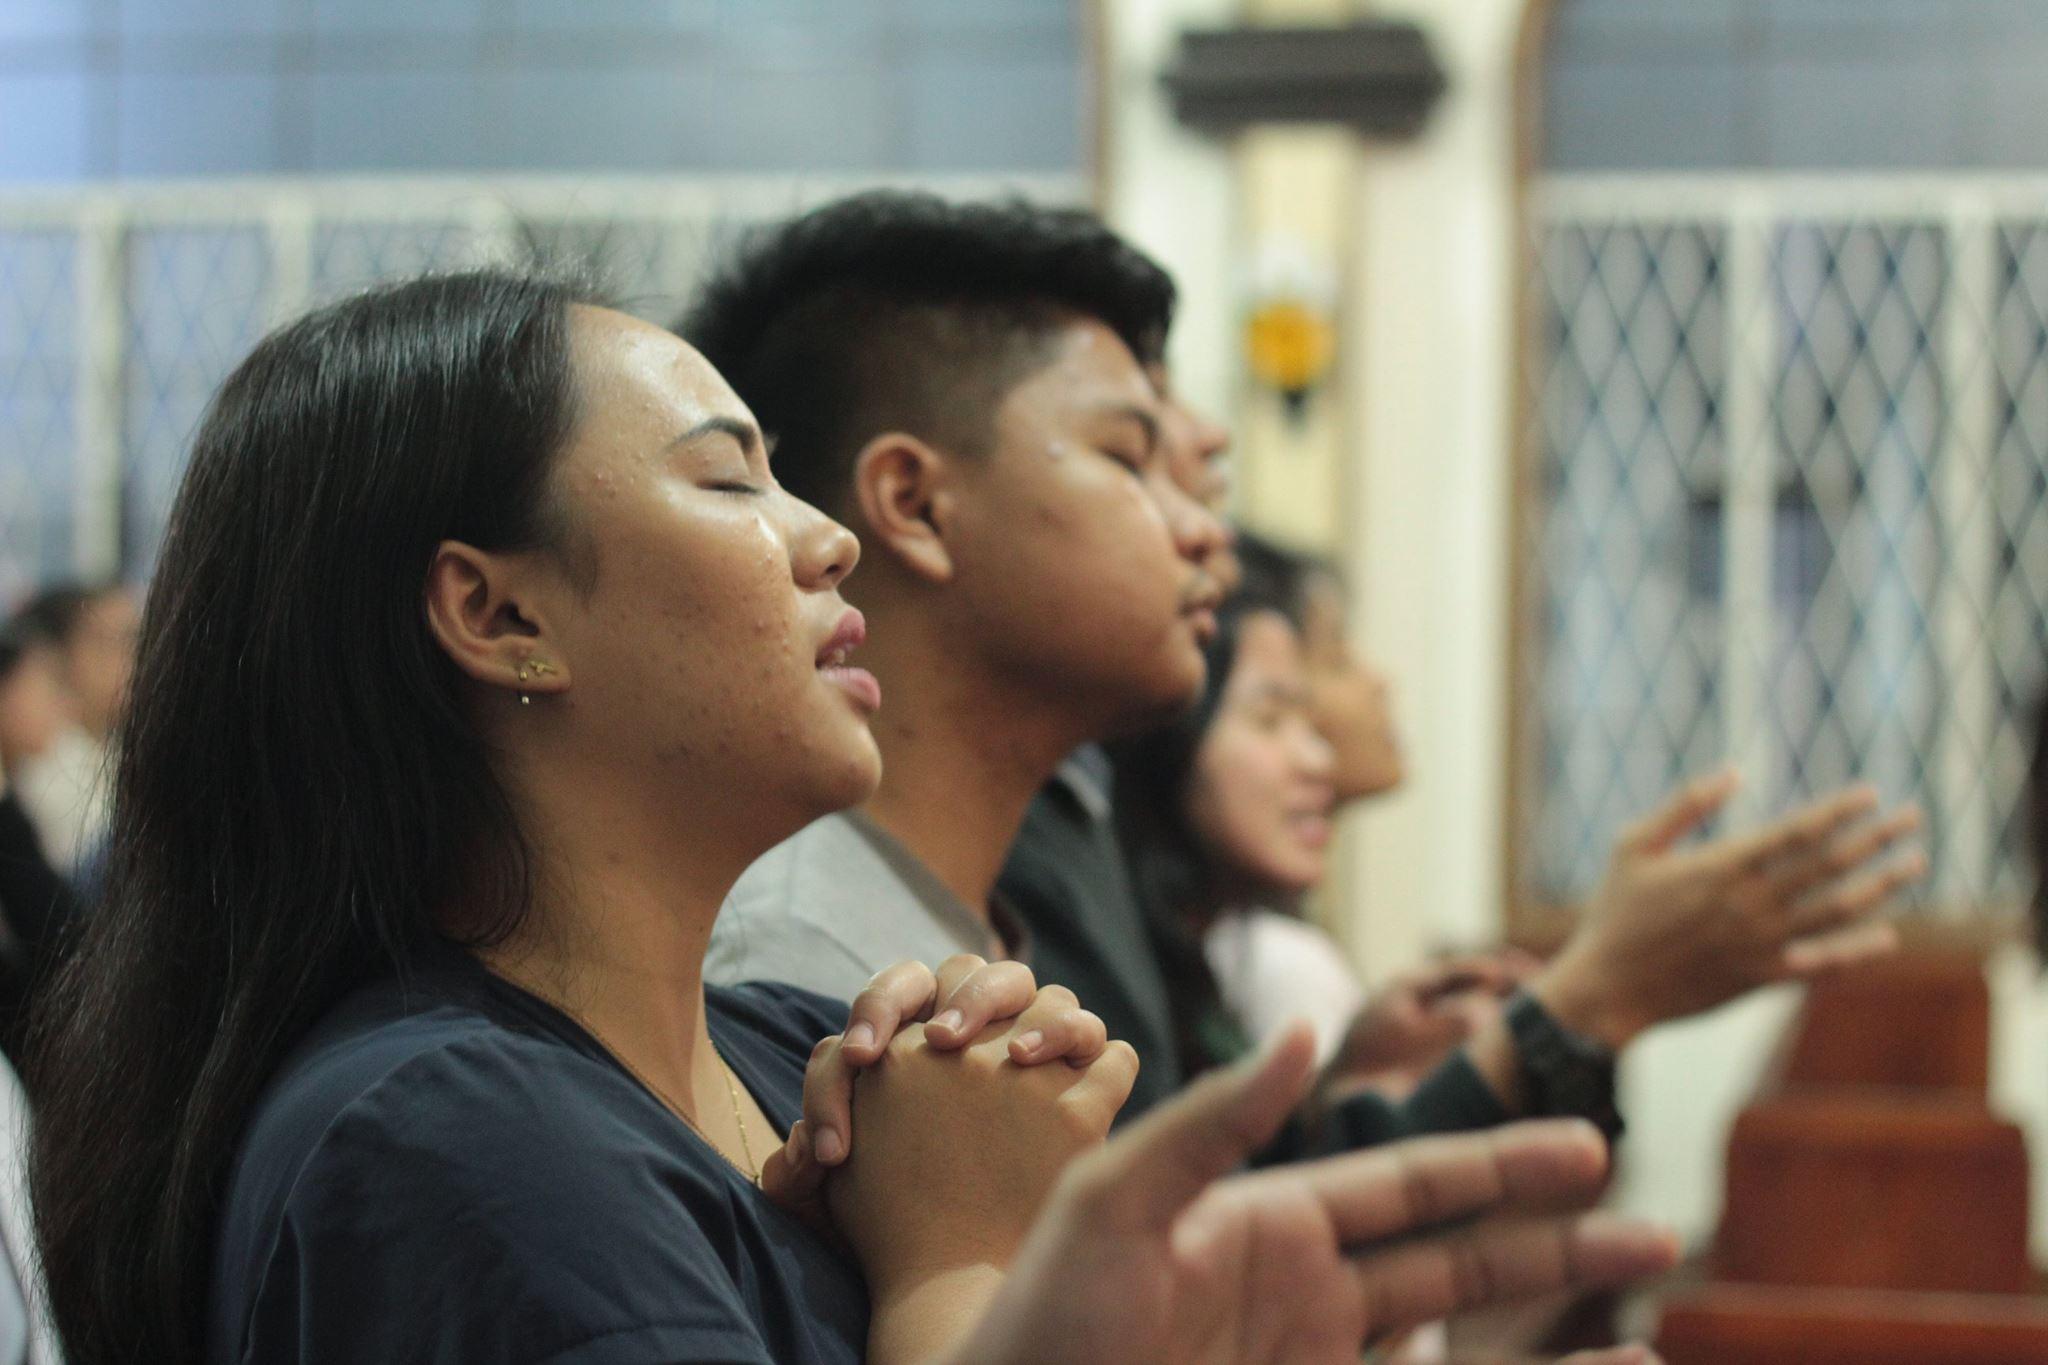 Les jeunes adorent à la première Église Méthodiste Unie de Baguio City, Philippines. L'église a un service d'adoration le dimanche après-midi qui s'adresse aux jeunes et aux jeunes de cœur, a déclaré le Dr Neil Peralta, président du comité de culte. Photo publiée avec l'aimable autorisation de Baguio City First United Methodist Church Communications Committee.